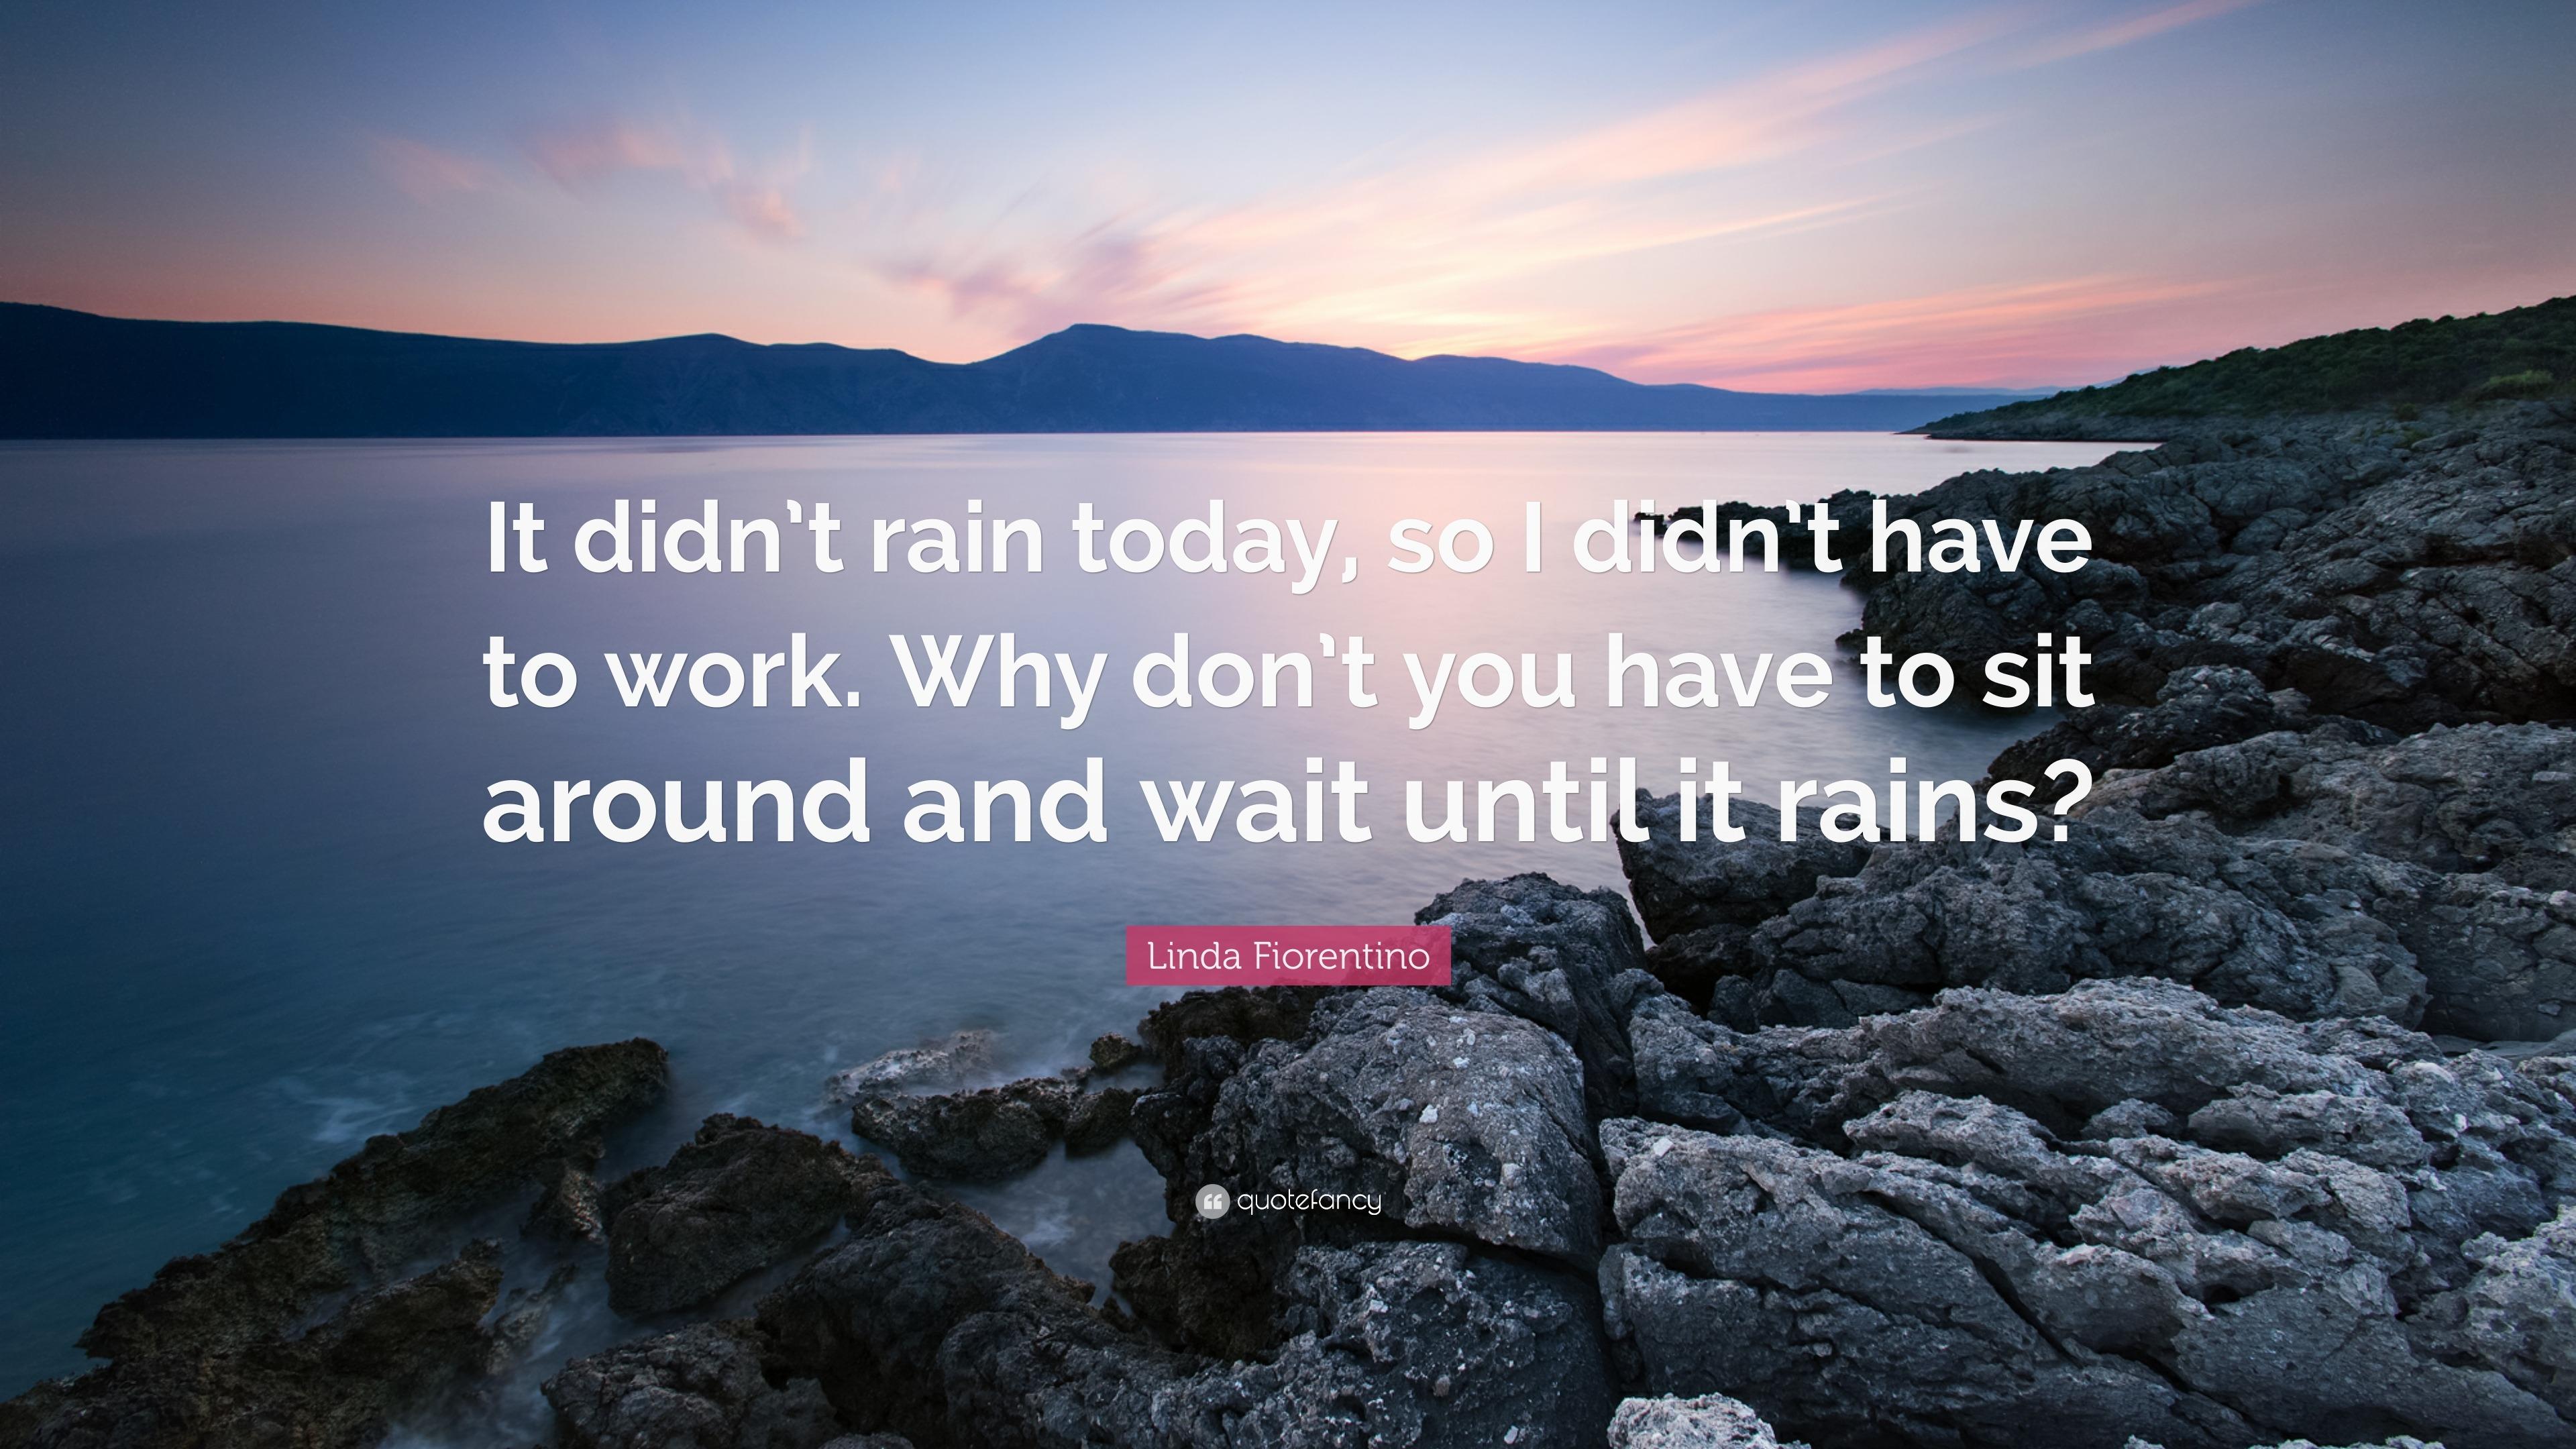 Captivating Linda Fiorentino Quote: U201cIt Didnu0027t Rain Today, So I Didnu0027